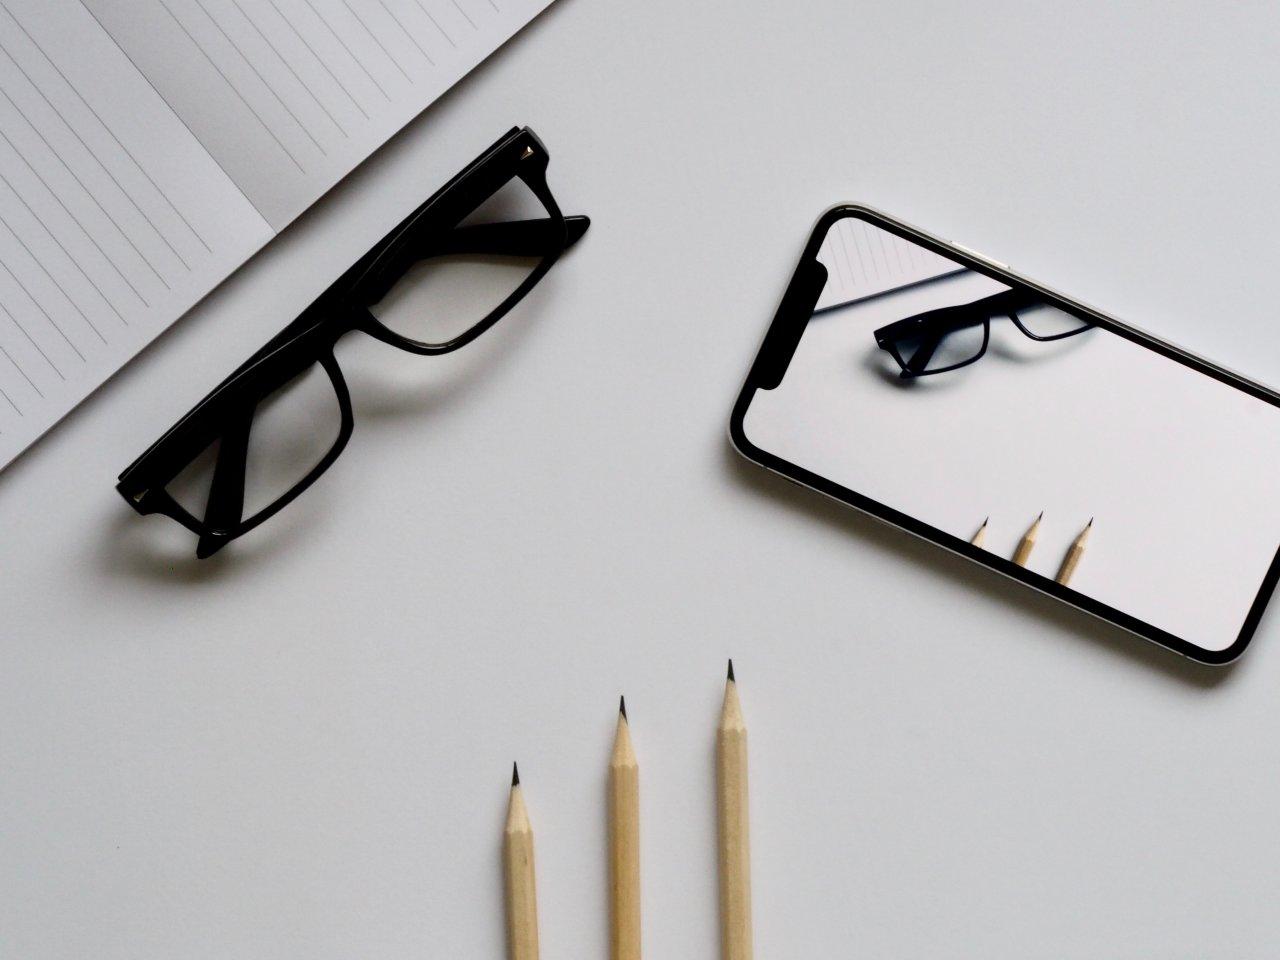 吐血整理网上配镜攻略|Eyebuydirect购买测评分享